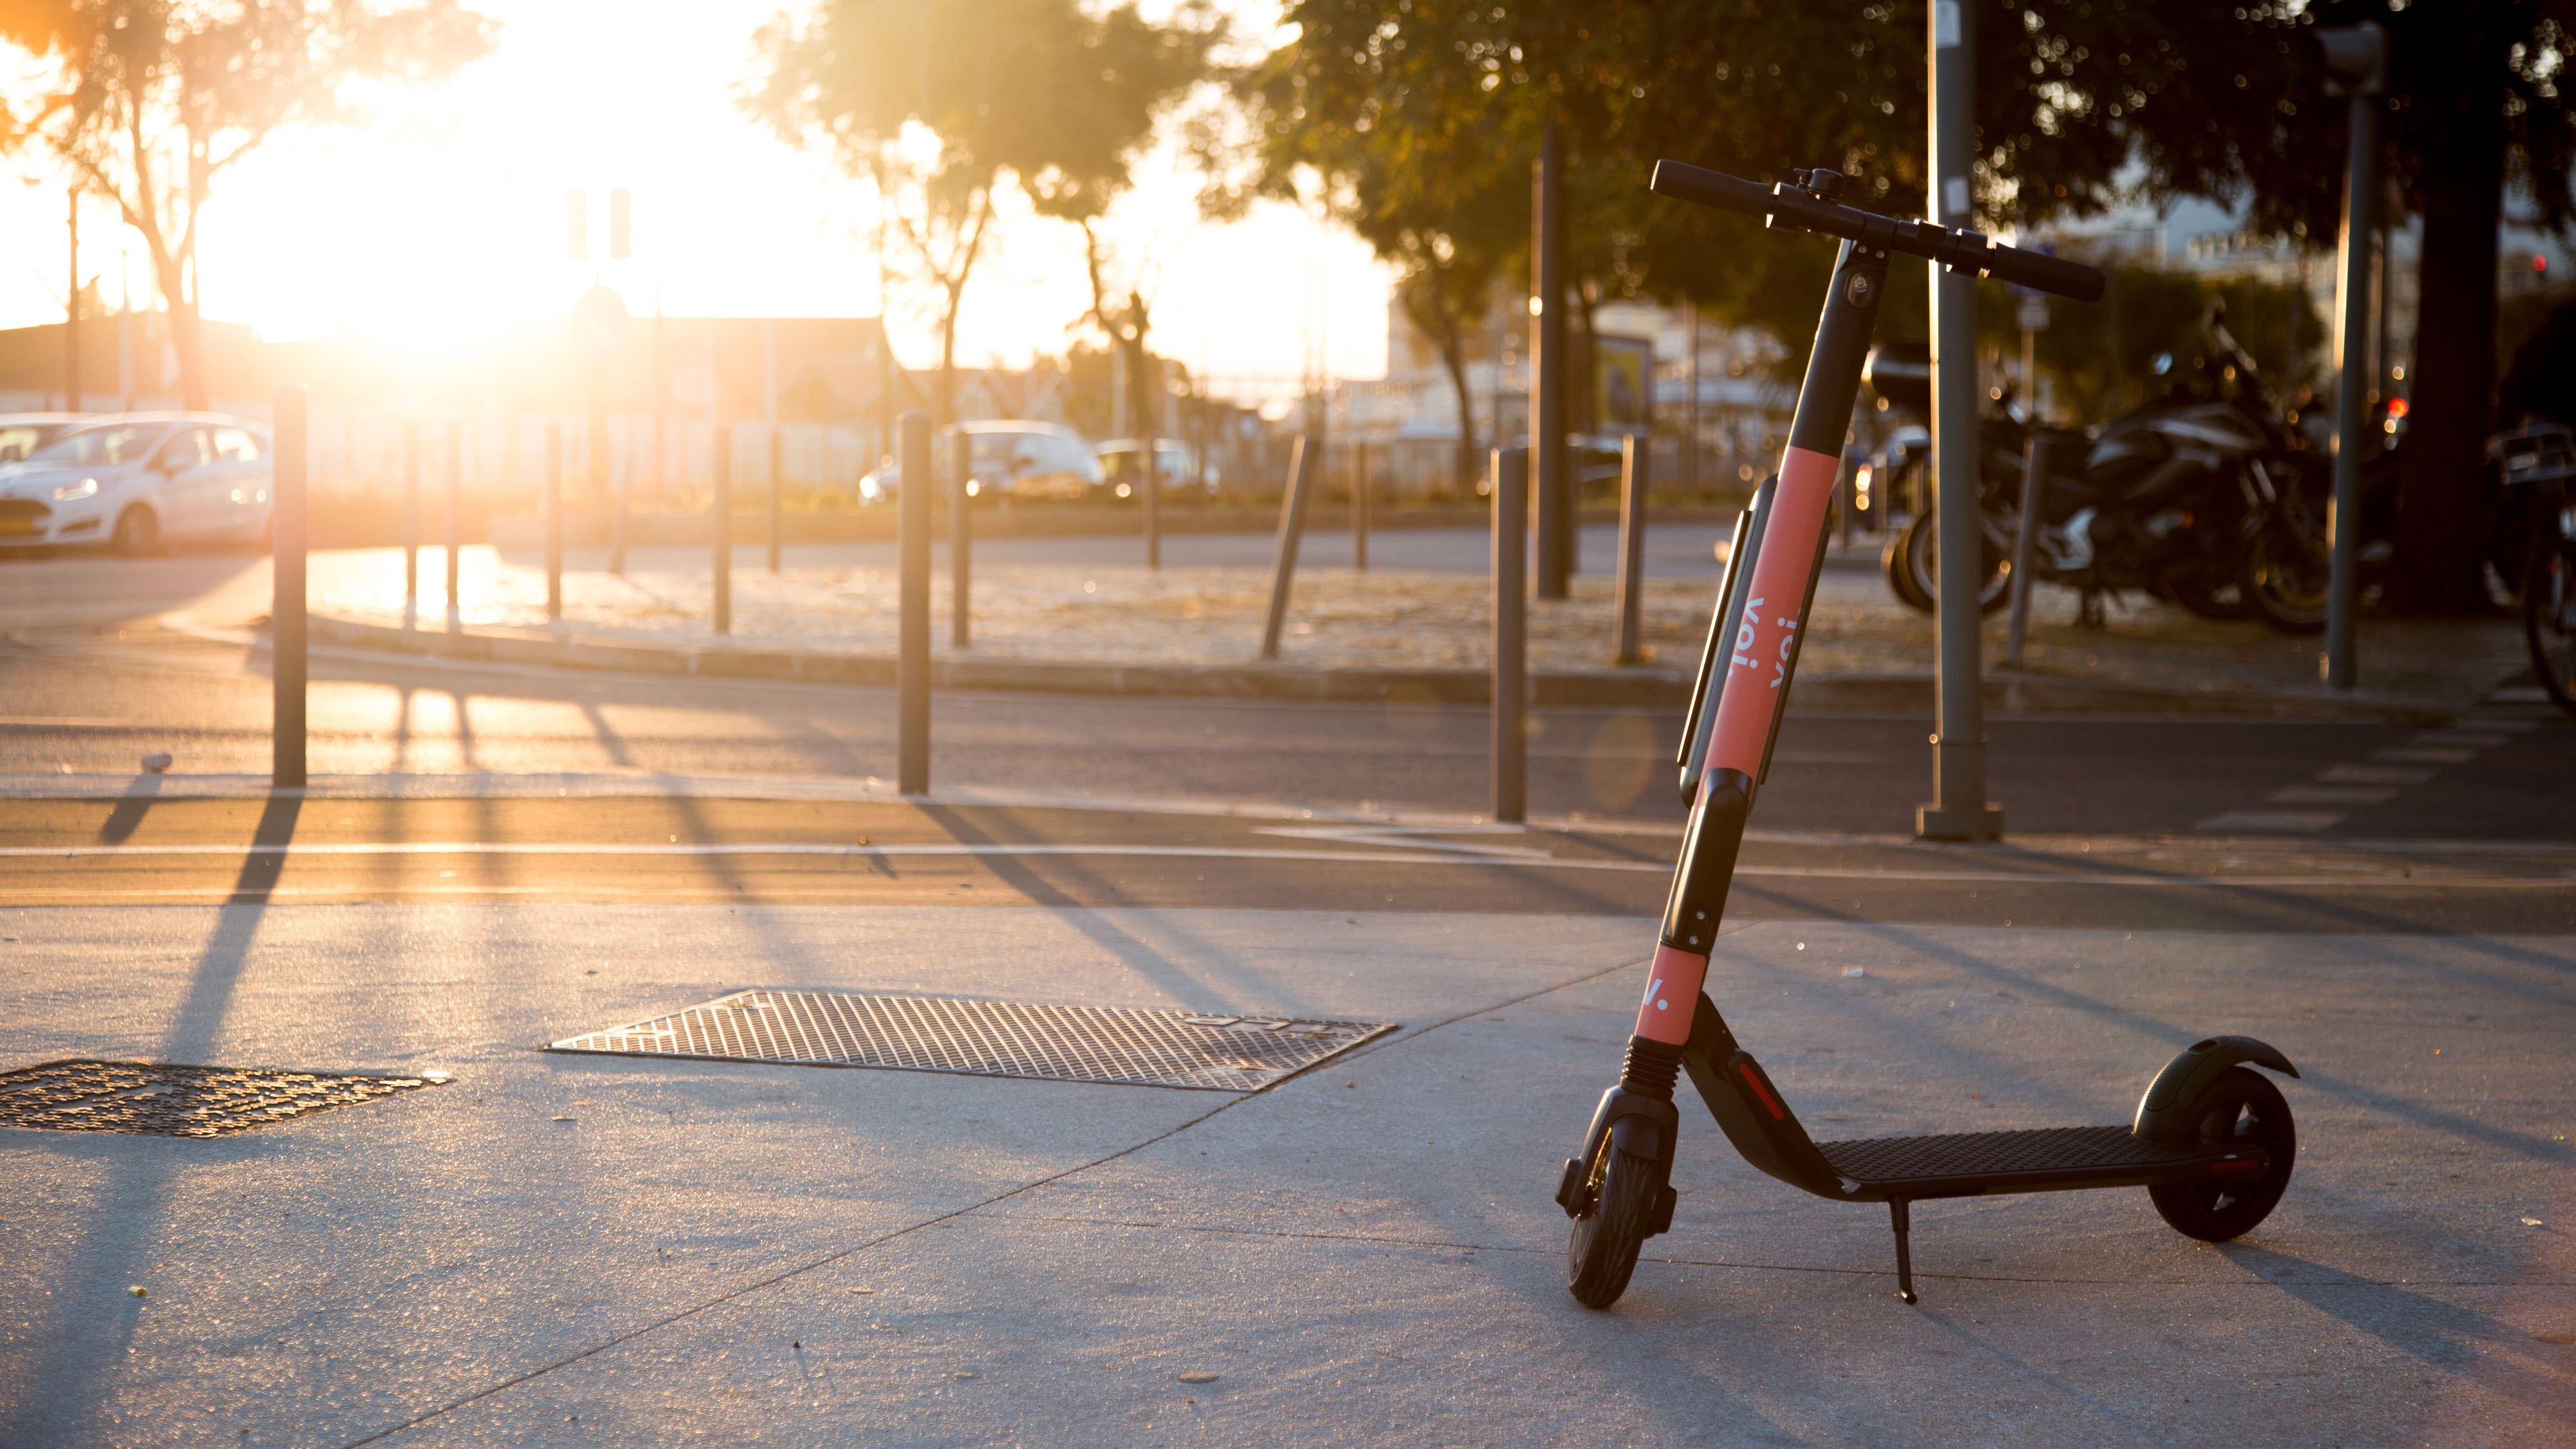 Forvent kaos: 11 aktører vil starte elsparkesykkel-utleie i Oslo